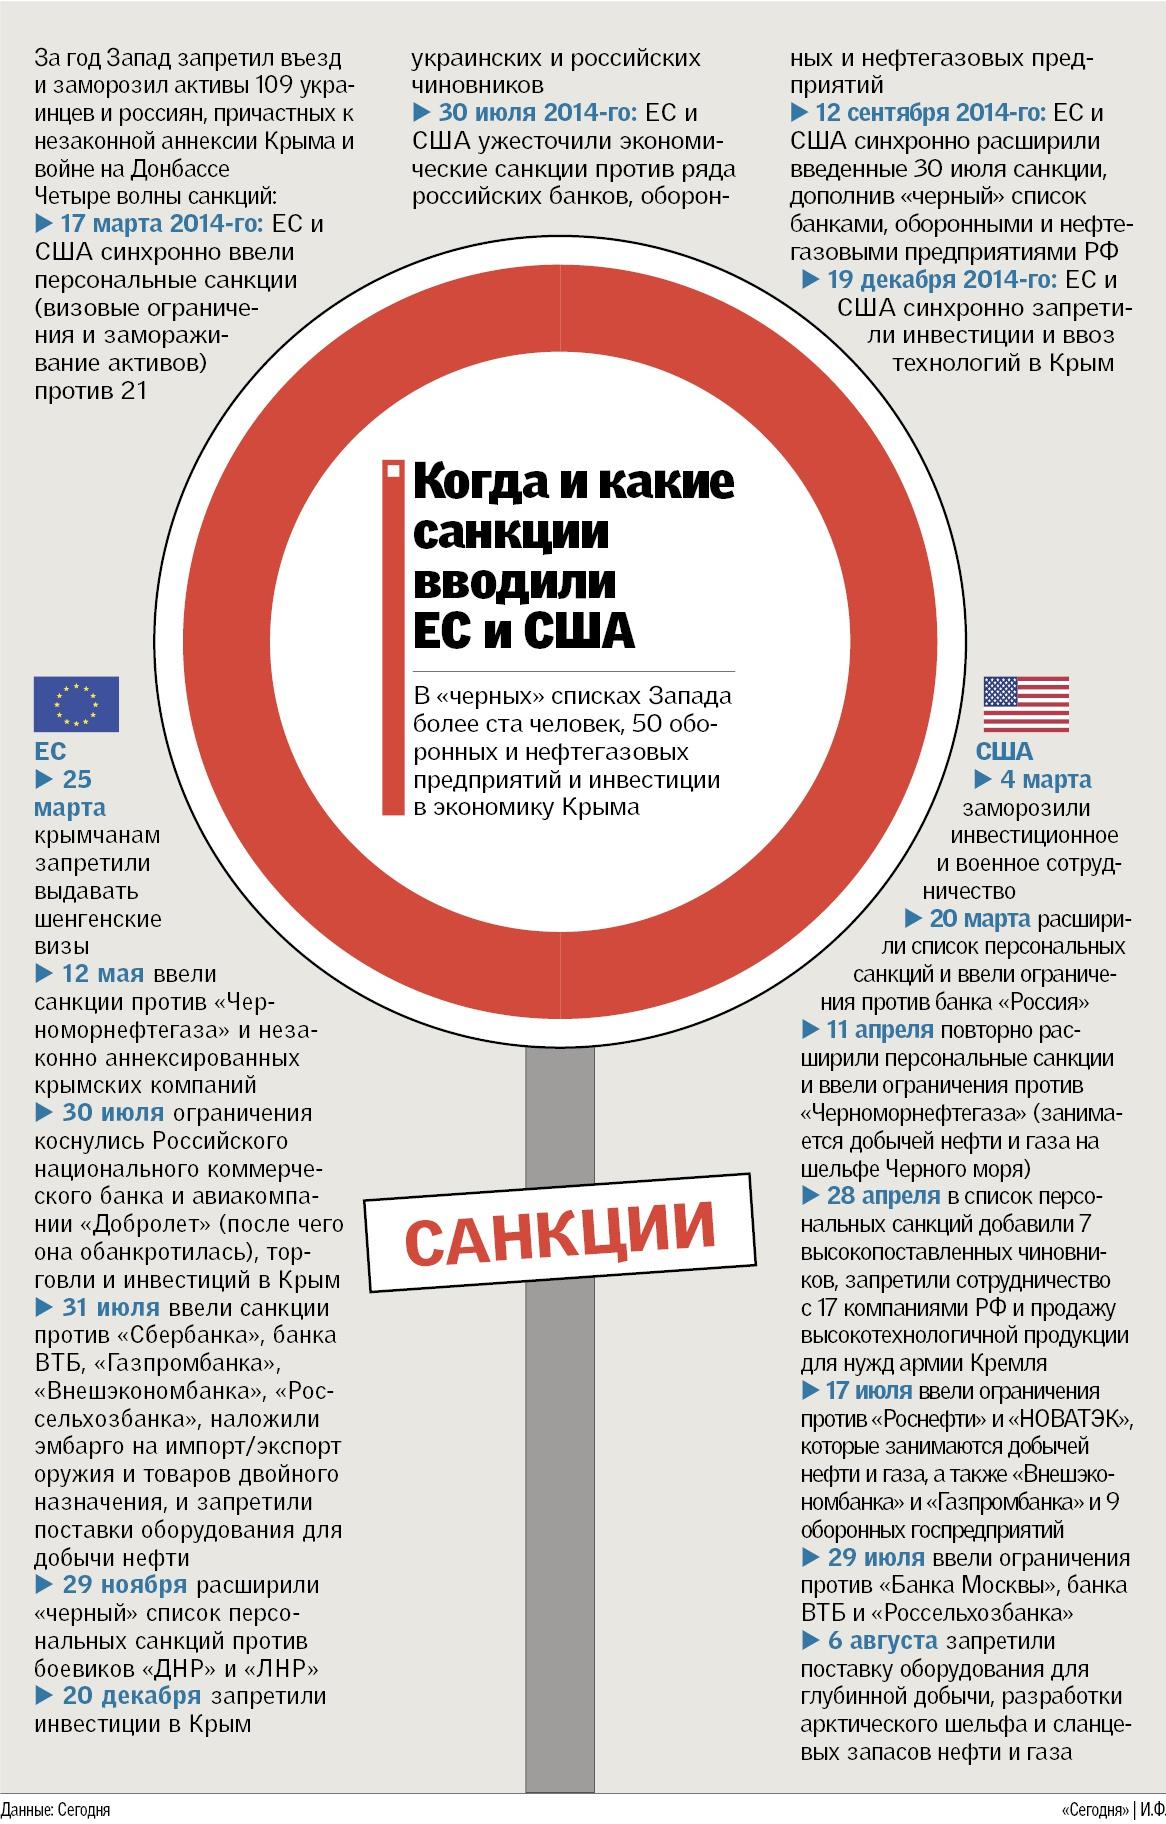 Банки против которых введены санкции сша уровней